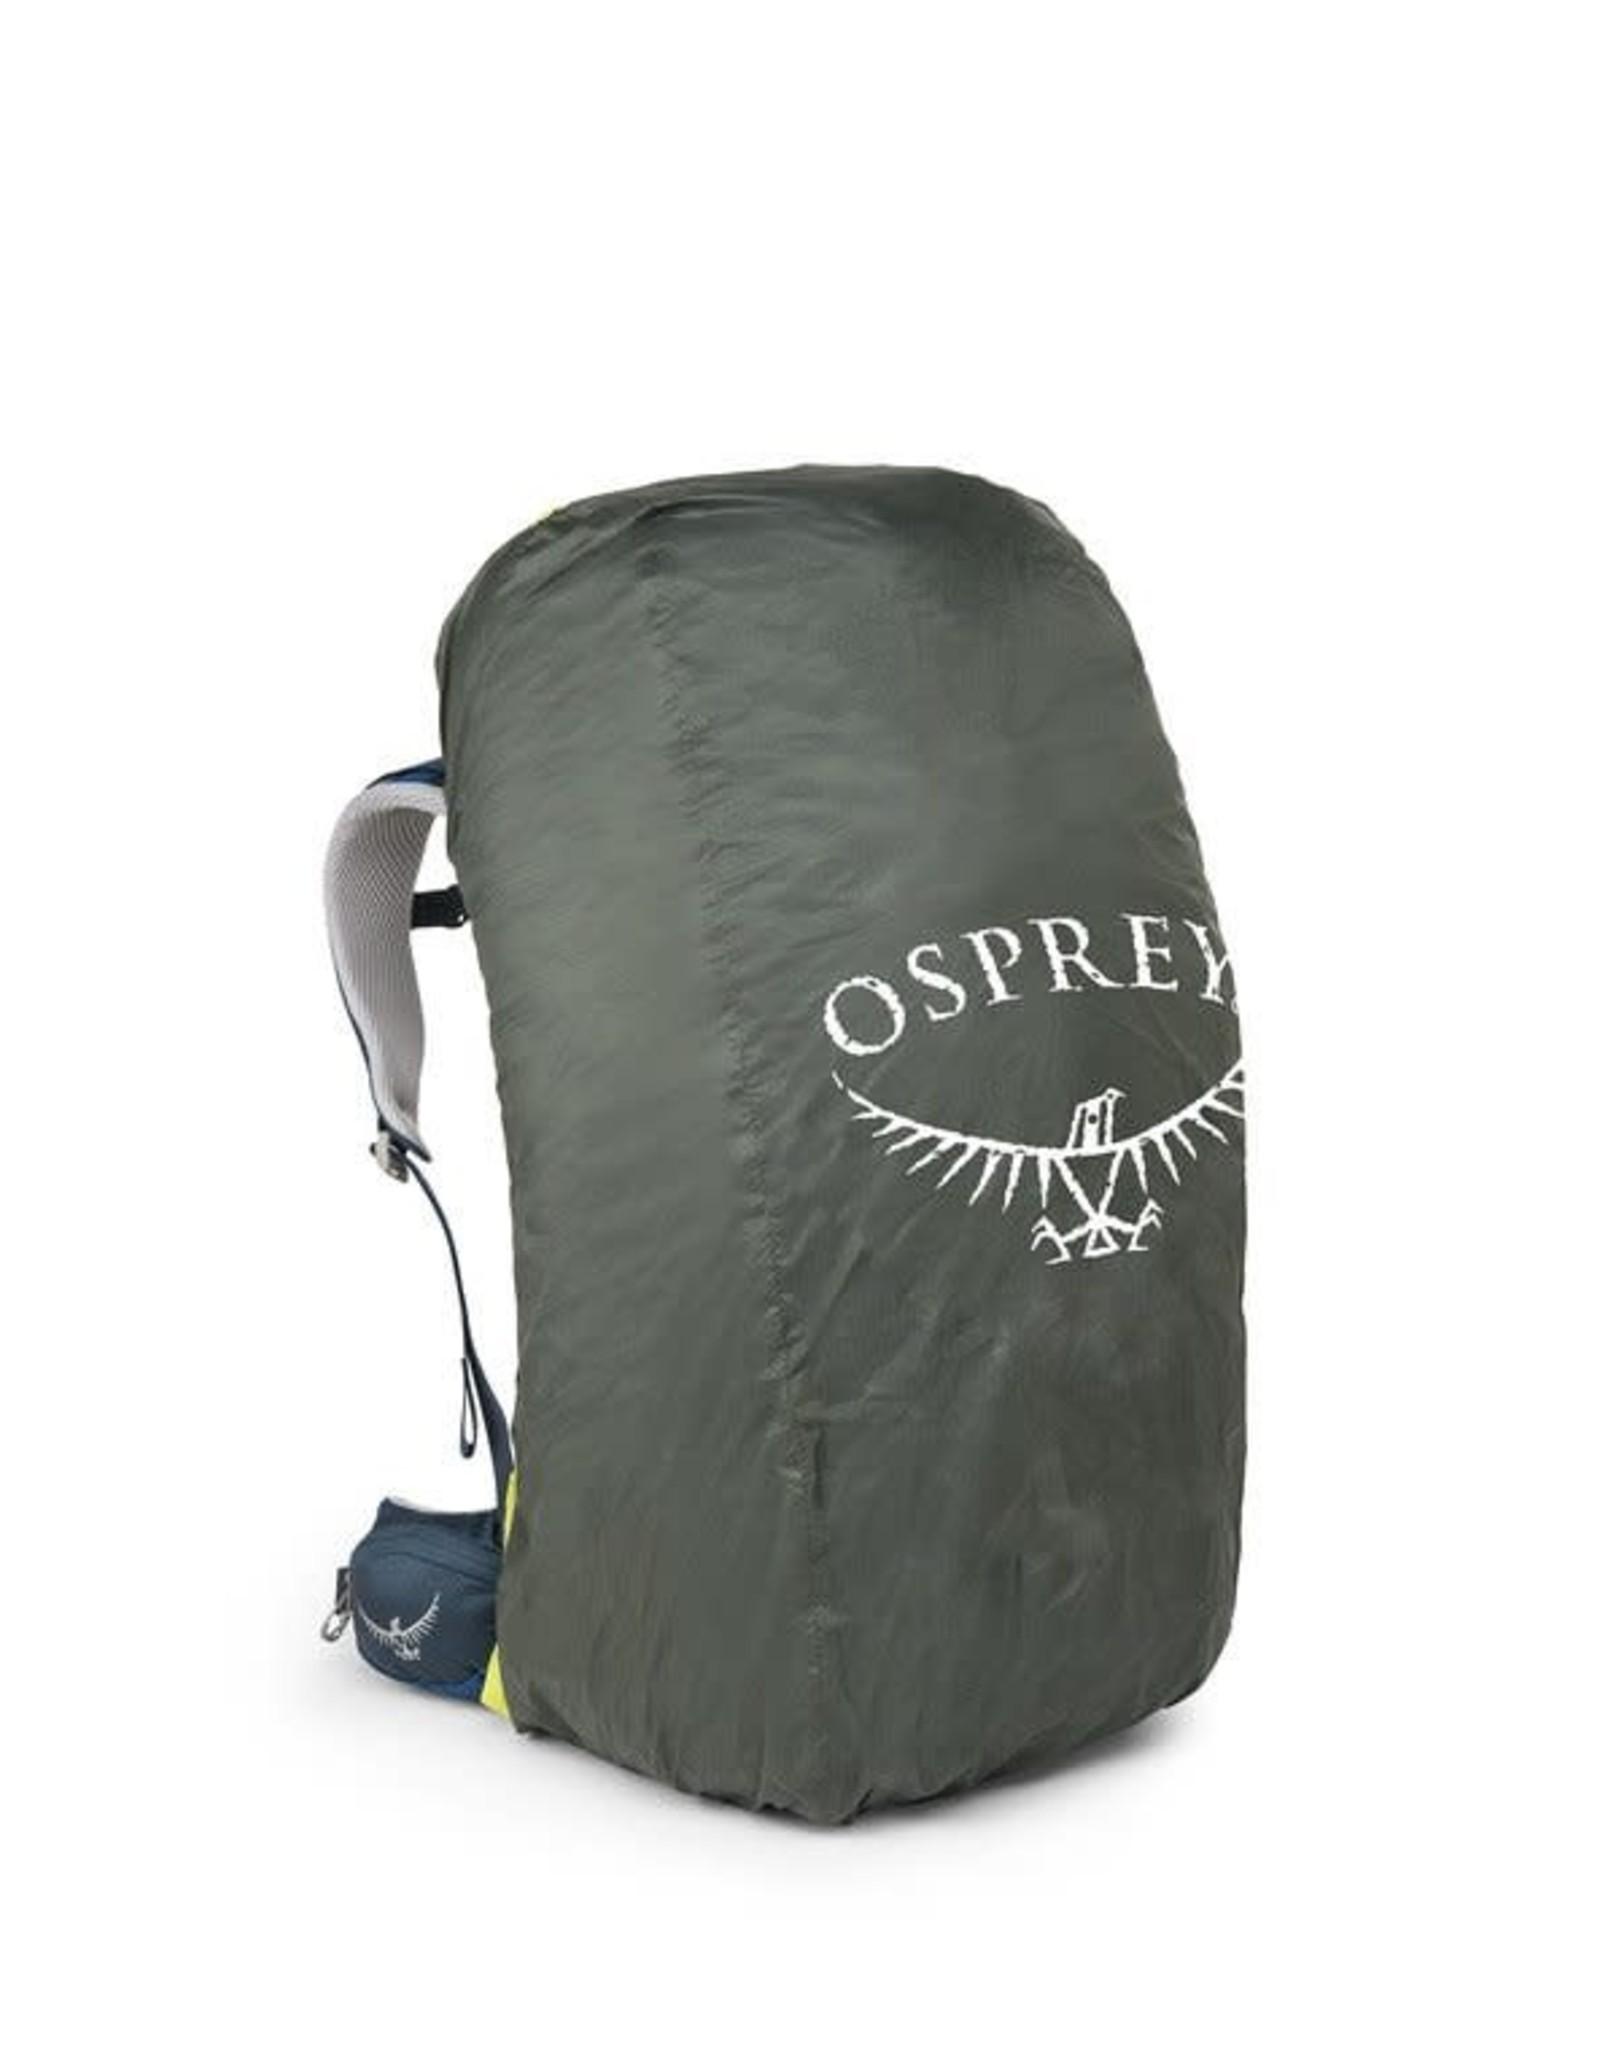 Osprey Osprey UL Raincover X-Large